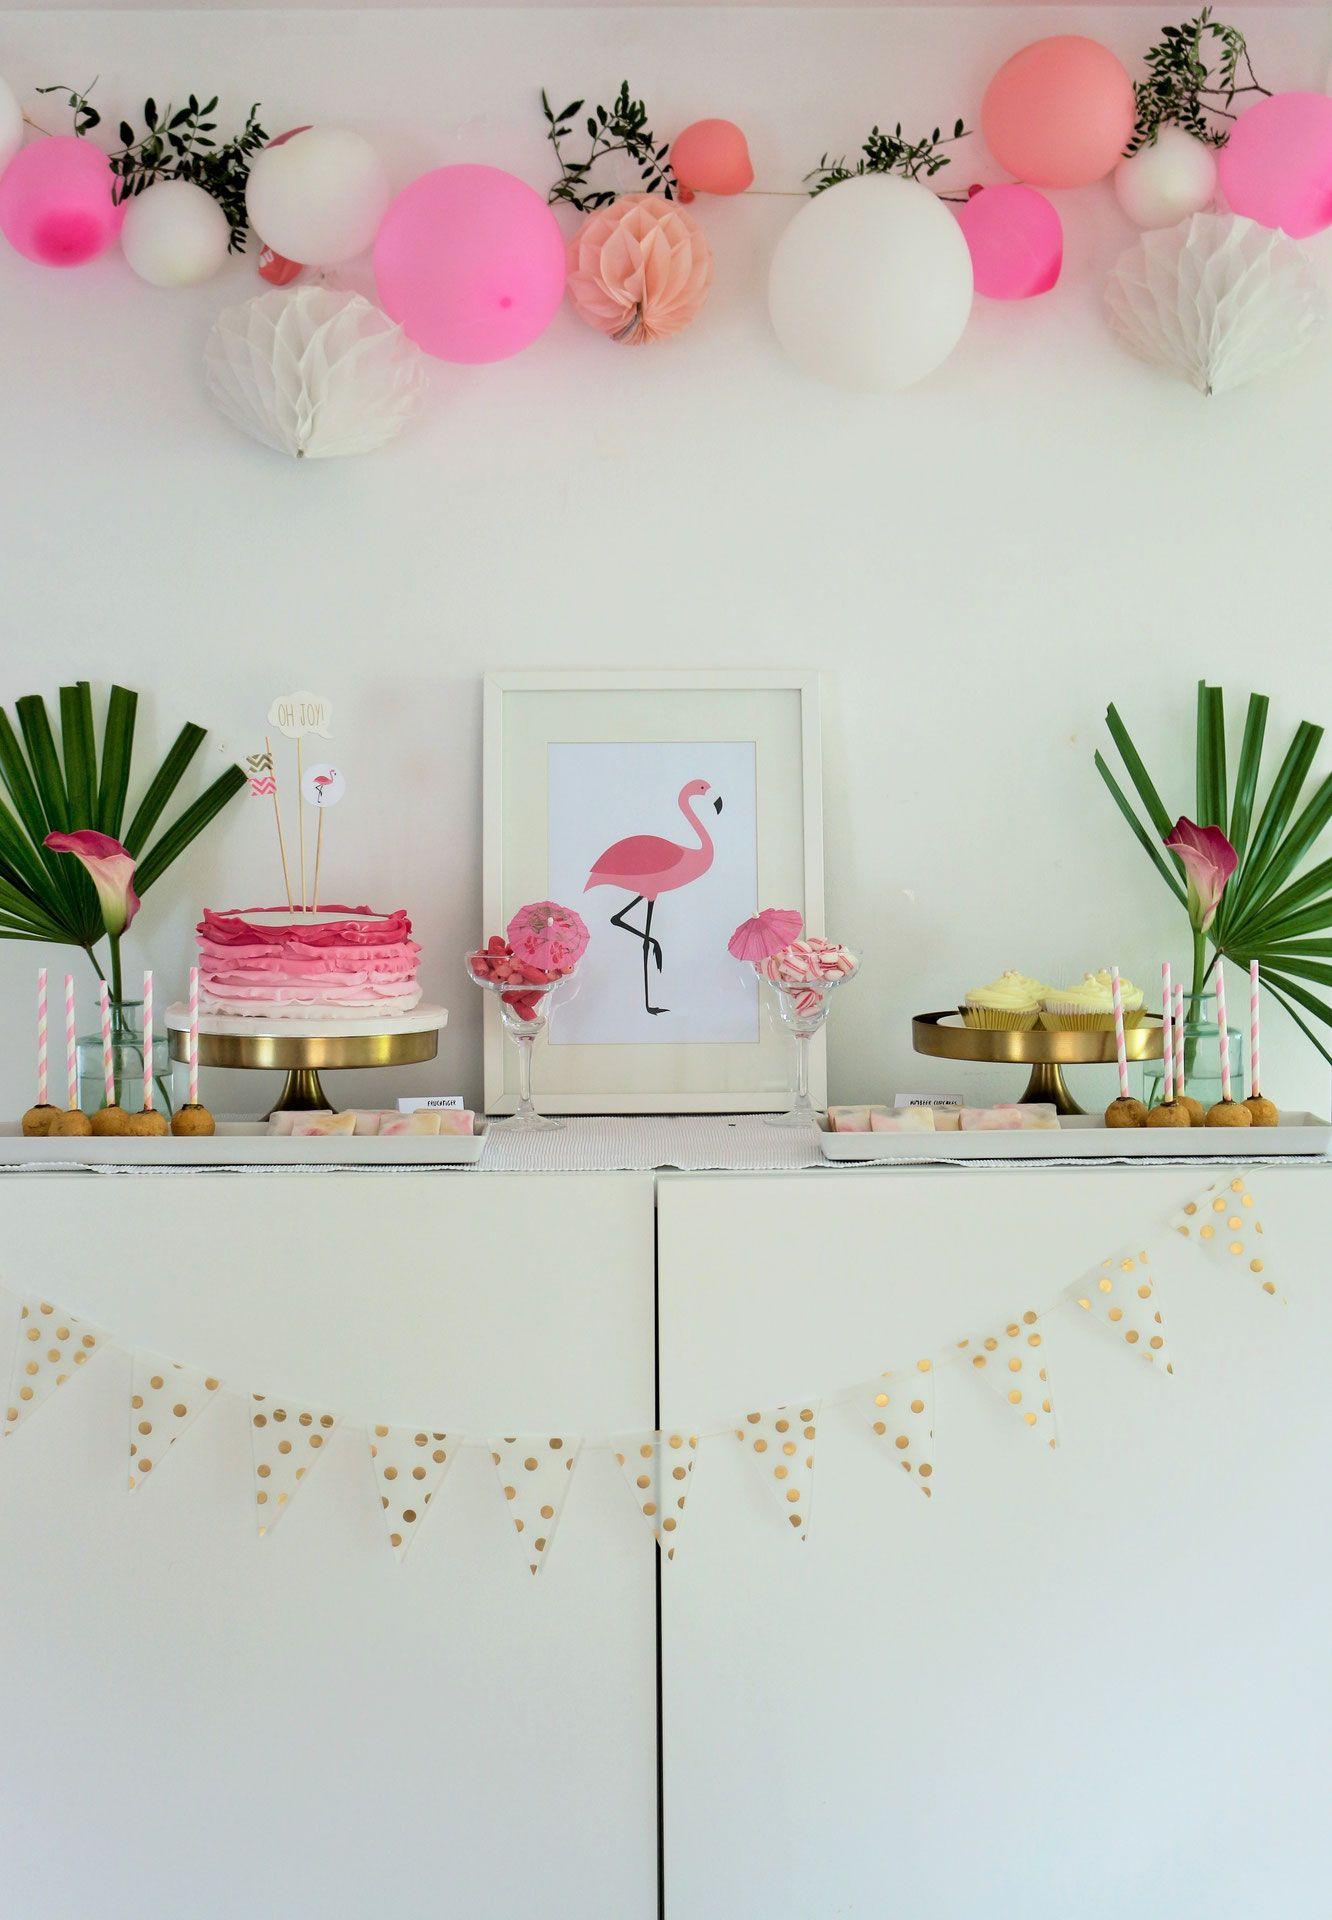 flamingo party diy deko ideen dalias geburtstag. Black Bedroom Furniture Sets. Home Design Ideas